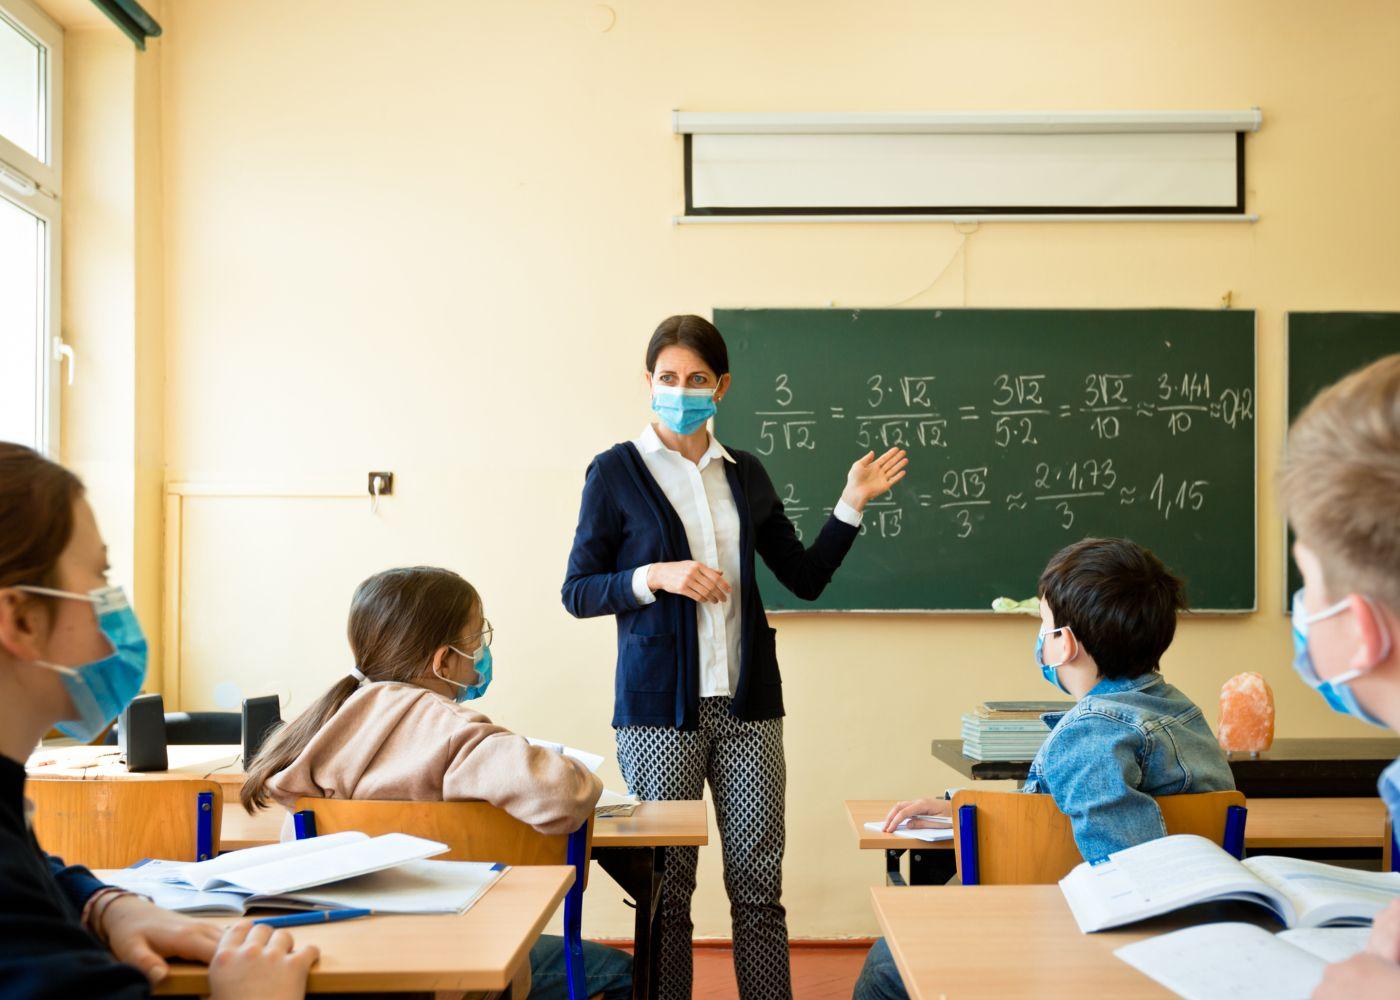 professora na sala com máscara a dar aulas e mostrar a importância dos professores